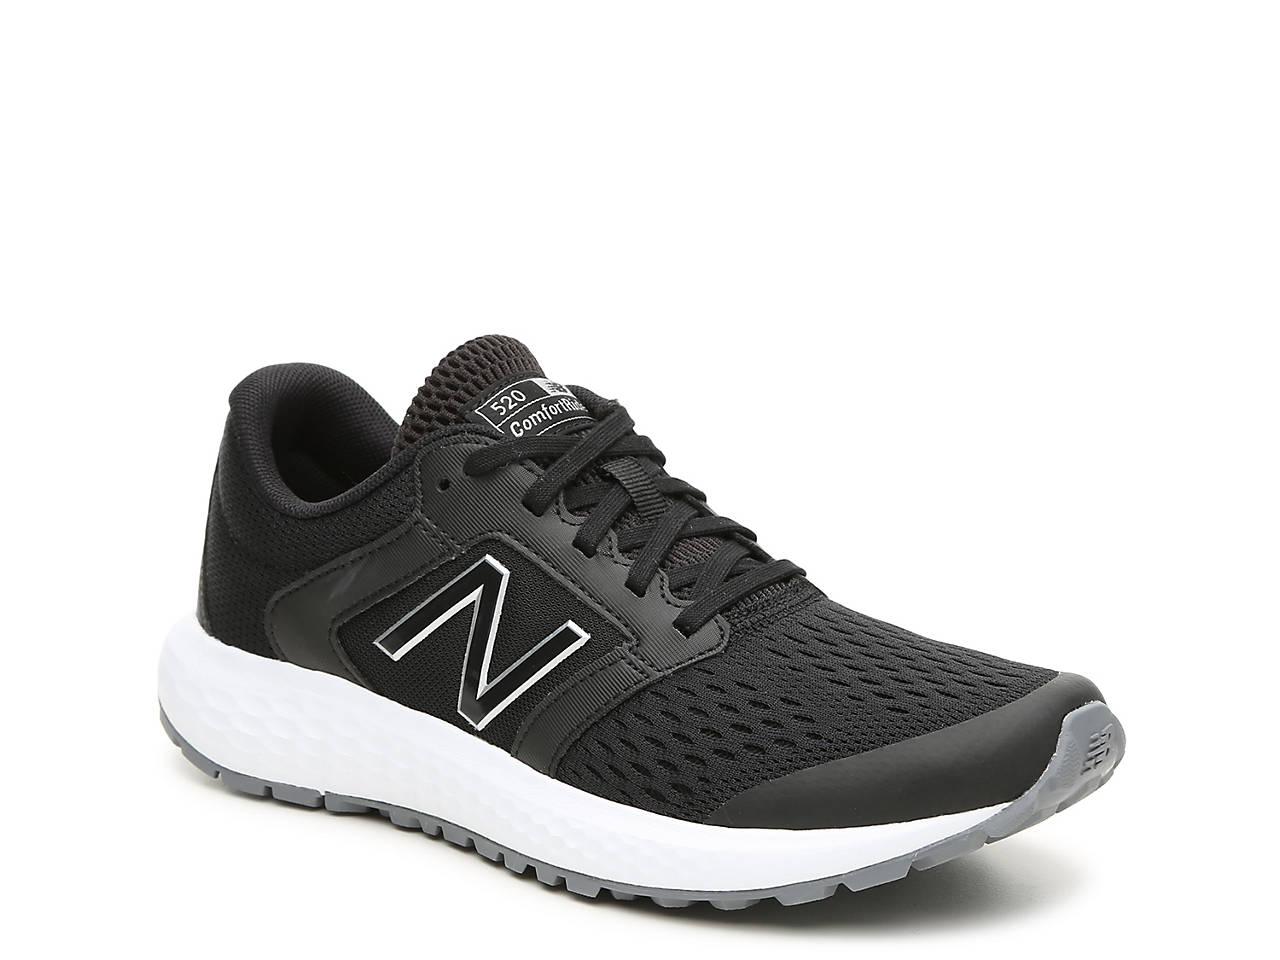 9fae1d86fb22f New Balance 520 ComfortRide Lightweight Running Shoe - Women's ...